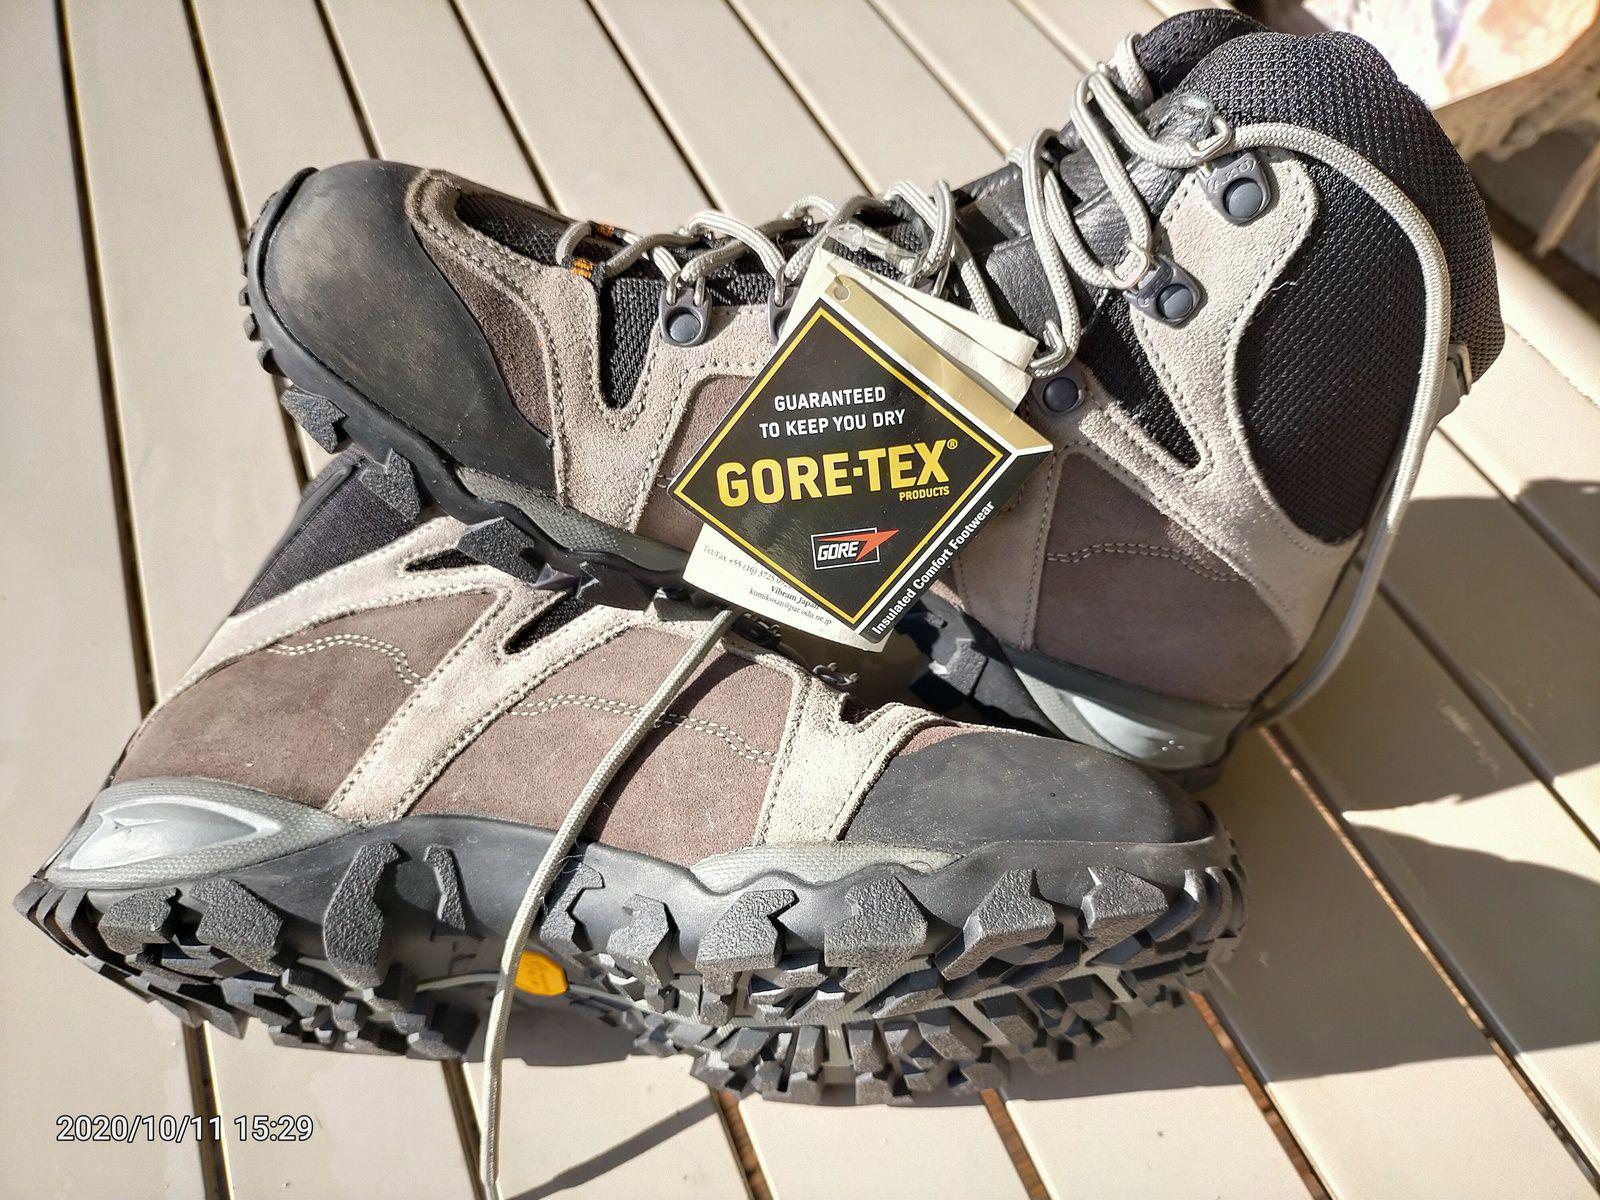 Chaussures de marche technique, à semelle Vibram, doublure Goretex et cuir et textile. Pointure UK 7 soit 41. Prix: 90€